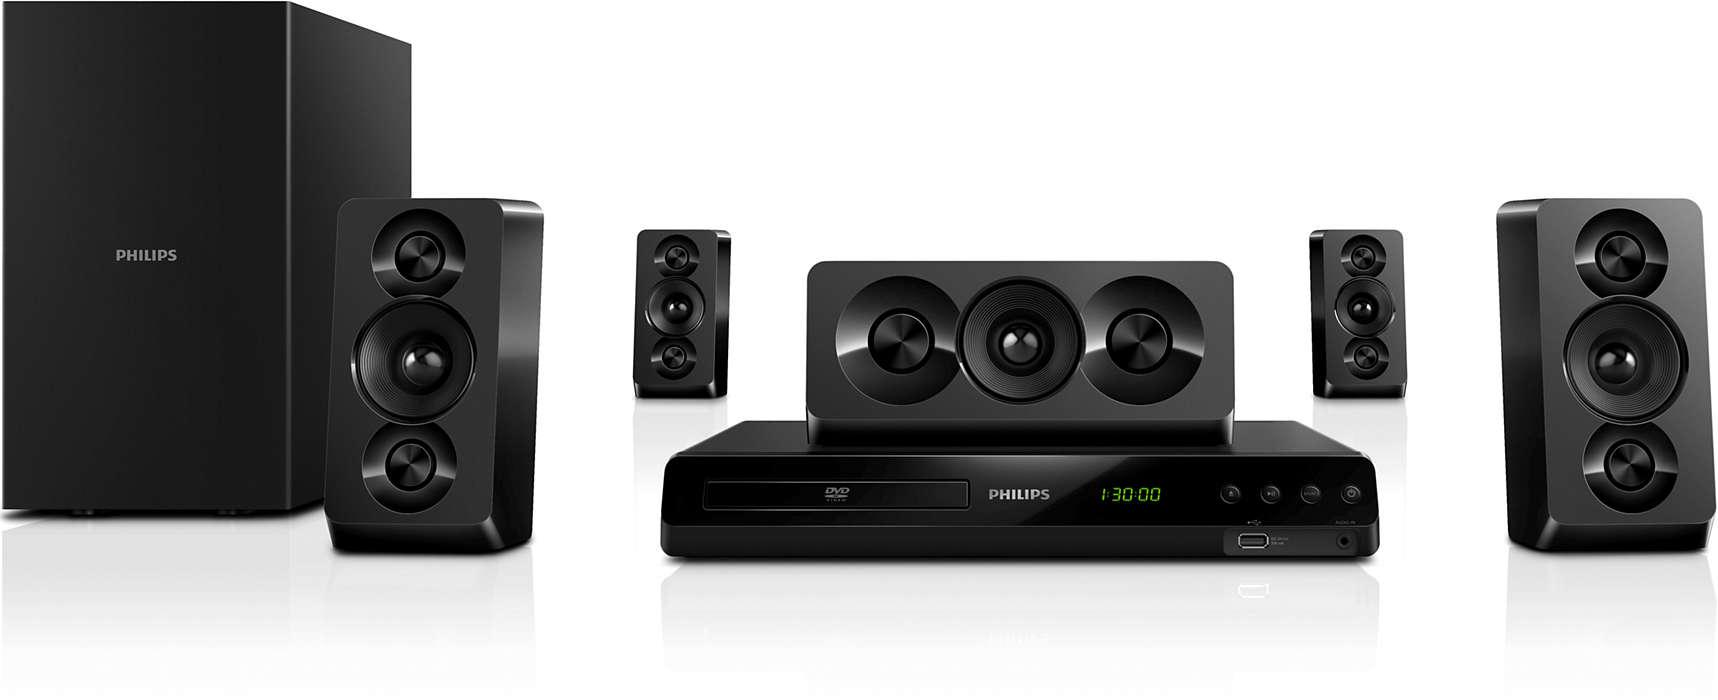 Kinowy dźwięk przestrzenny o głębokim brzmieniu